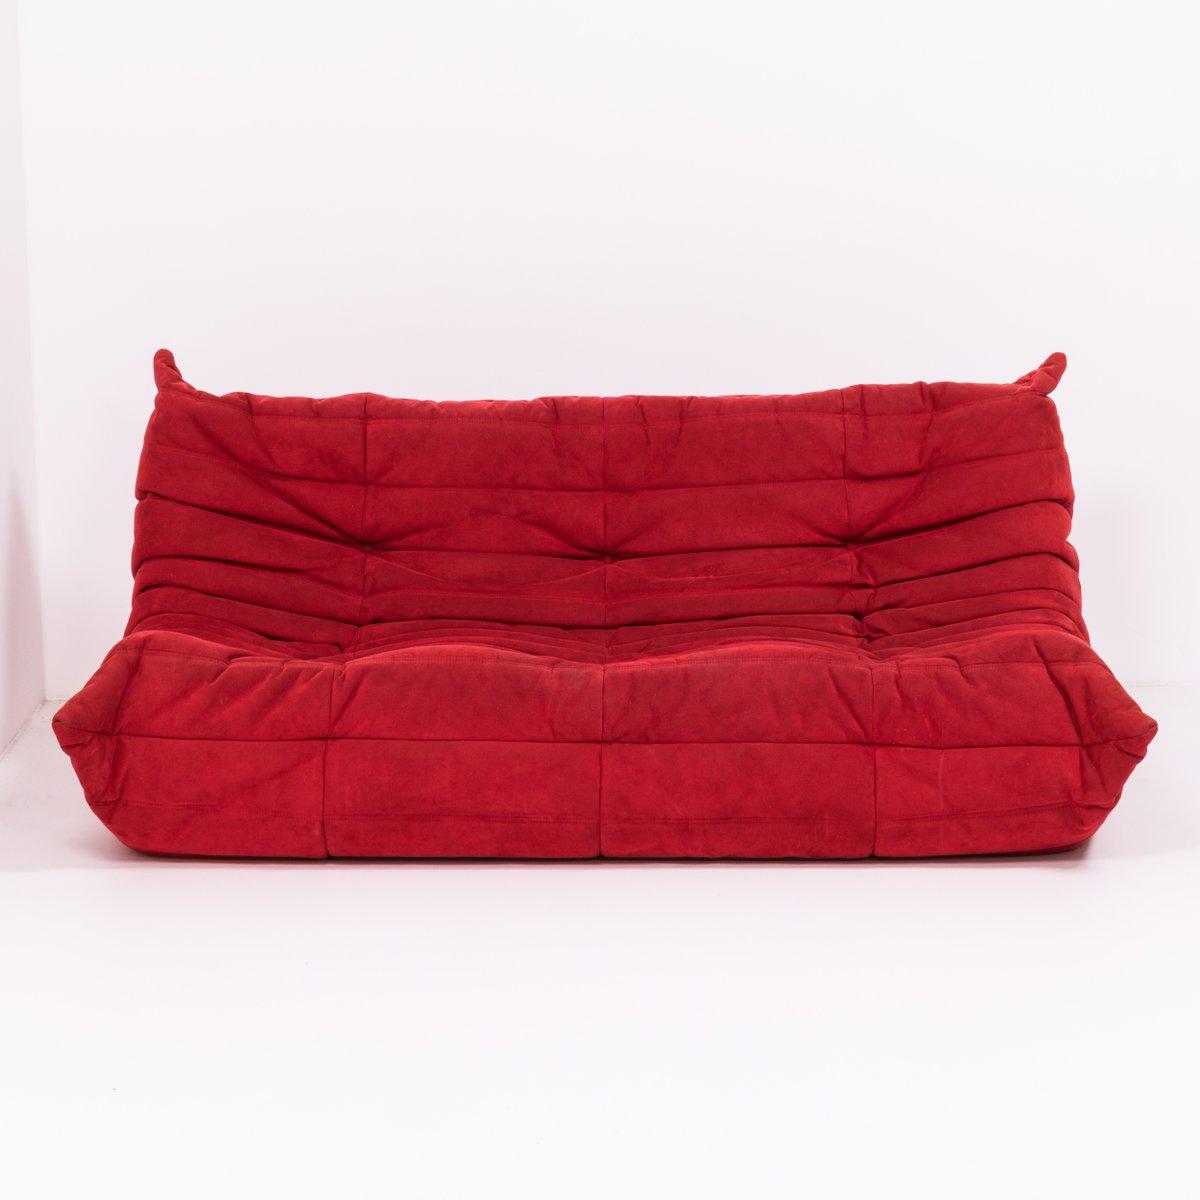 grand canap togo rouge par michel ducaroy pour ligne roset 1970s en vente sur pamono. Black Bedroom Furniture Sets. Home Design Ideas